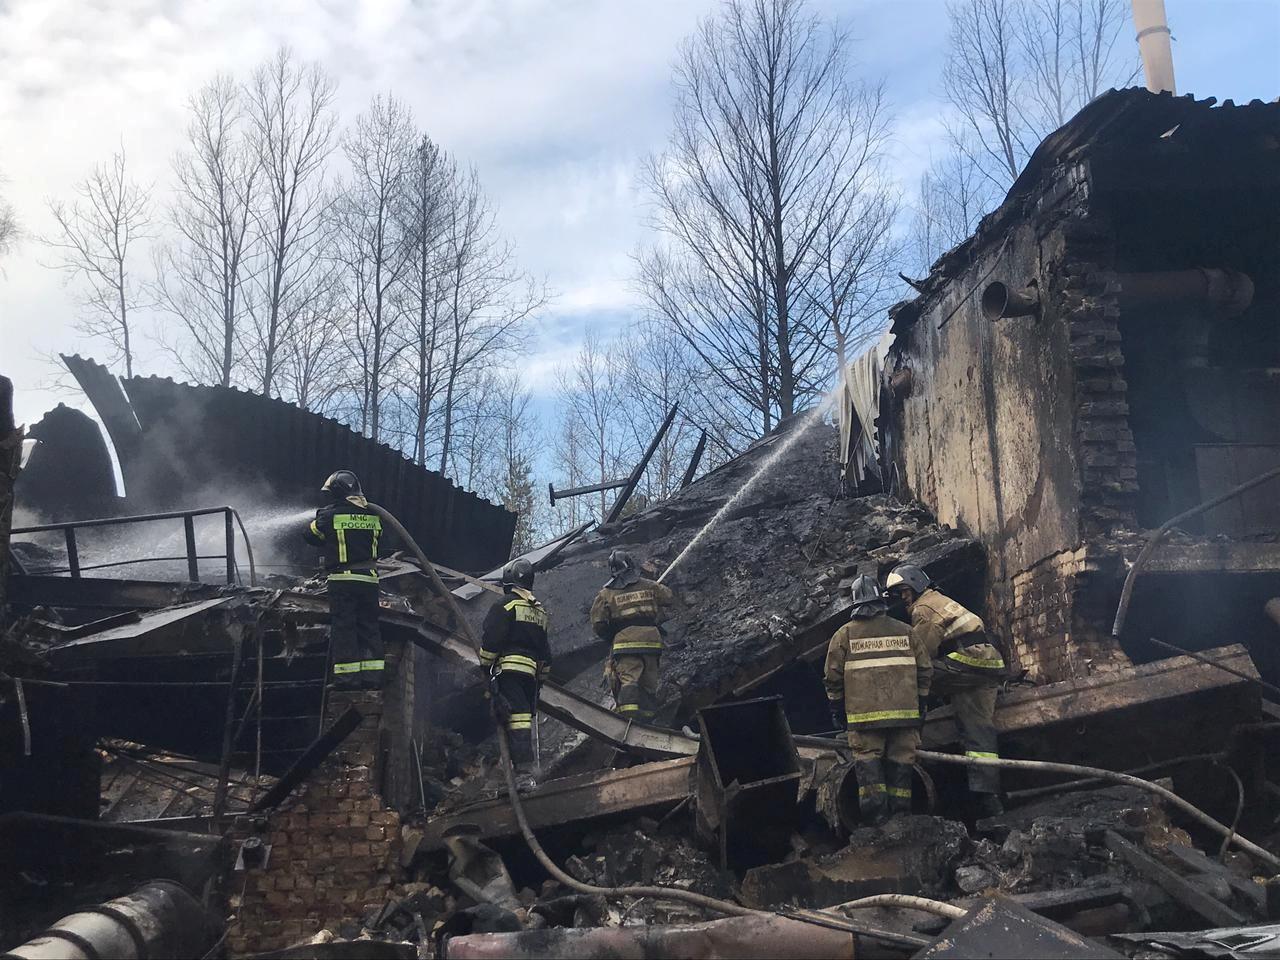 Bombeiros trabalham nos escombros de fábrica após explosão na região de Ryazan, na Rússia